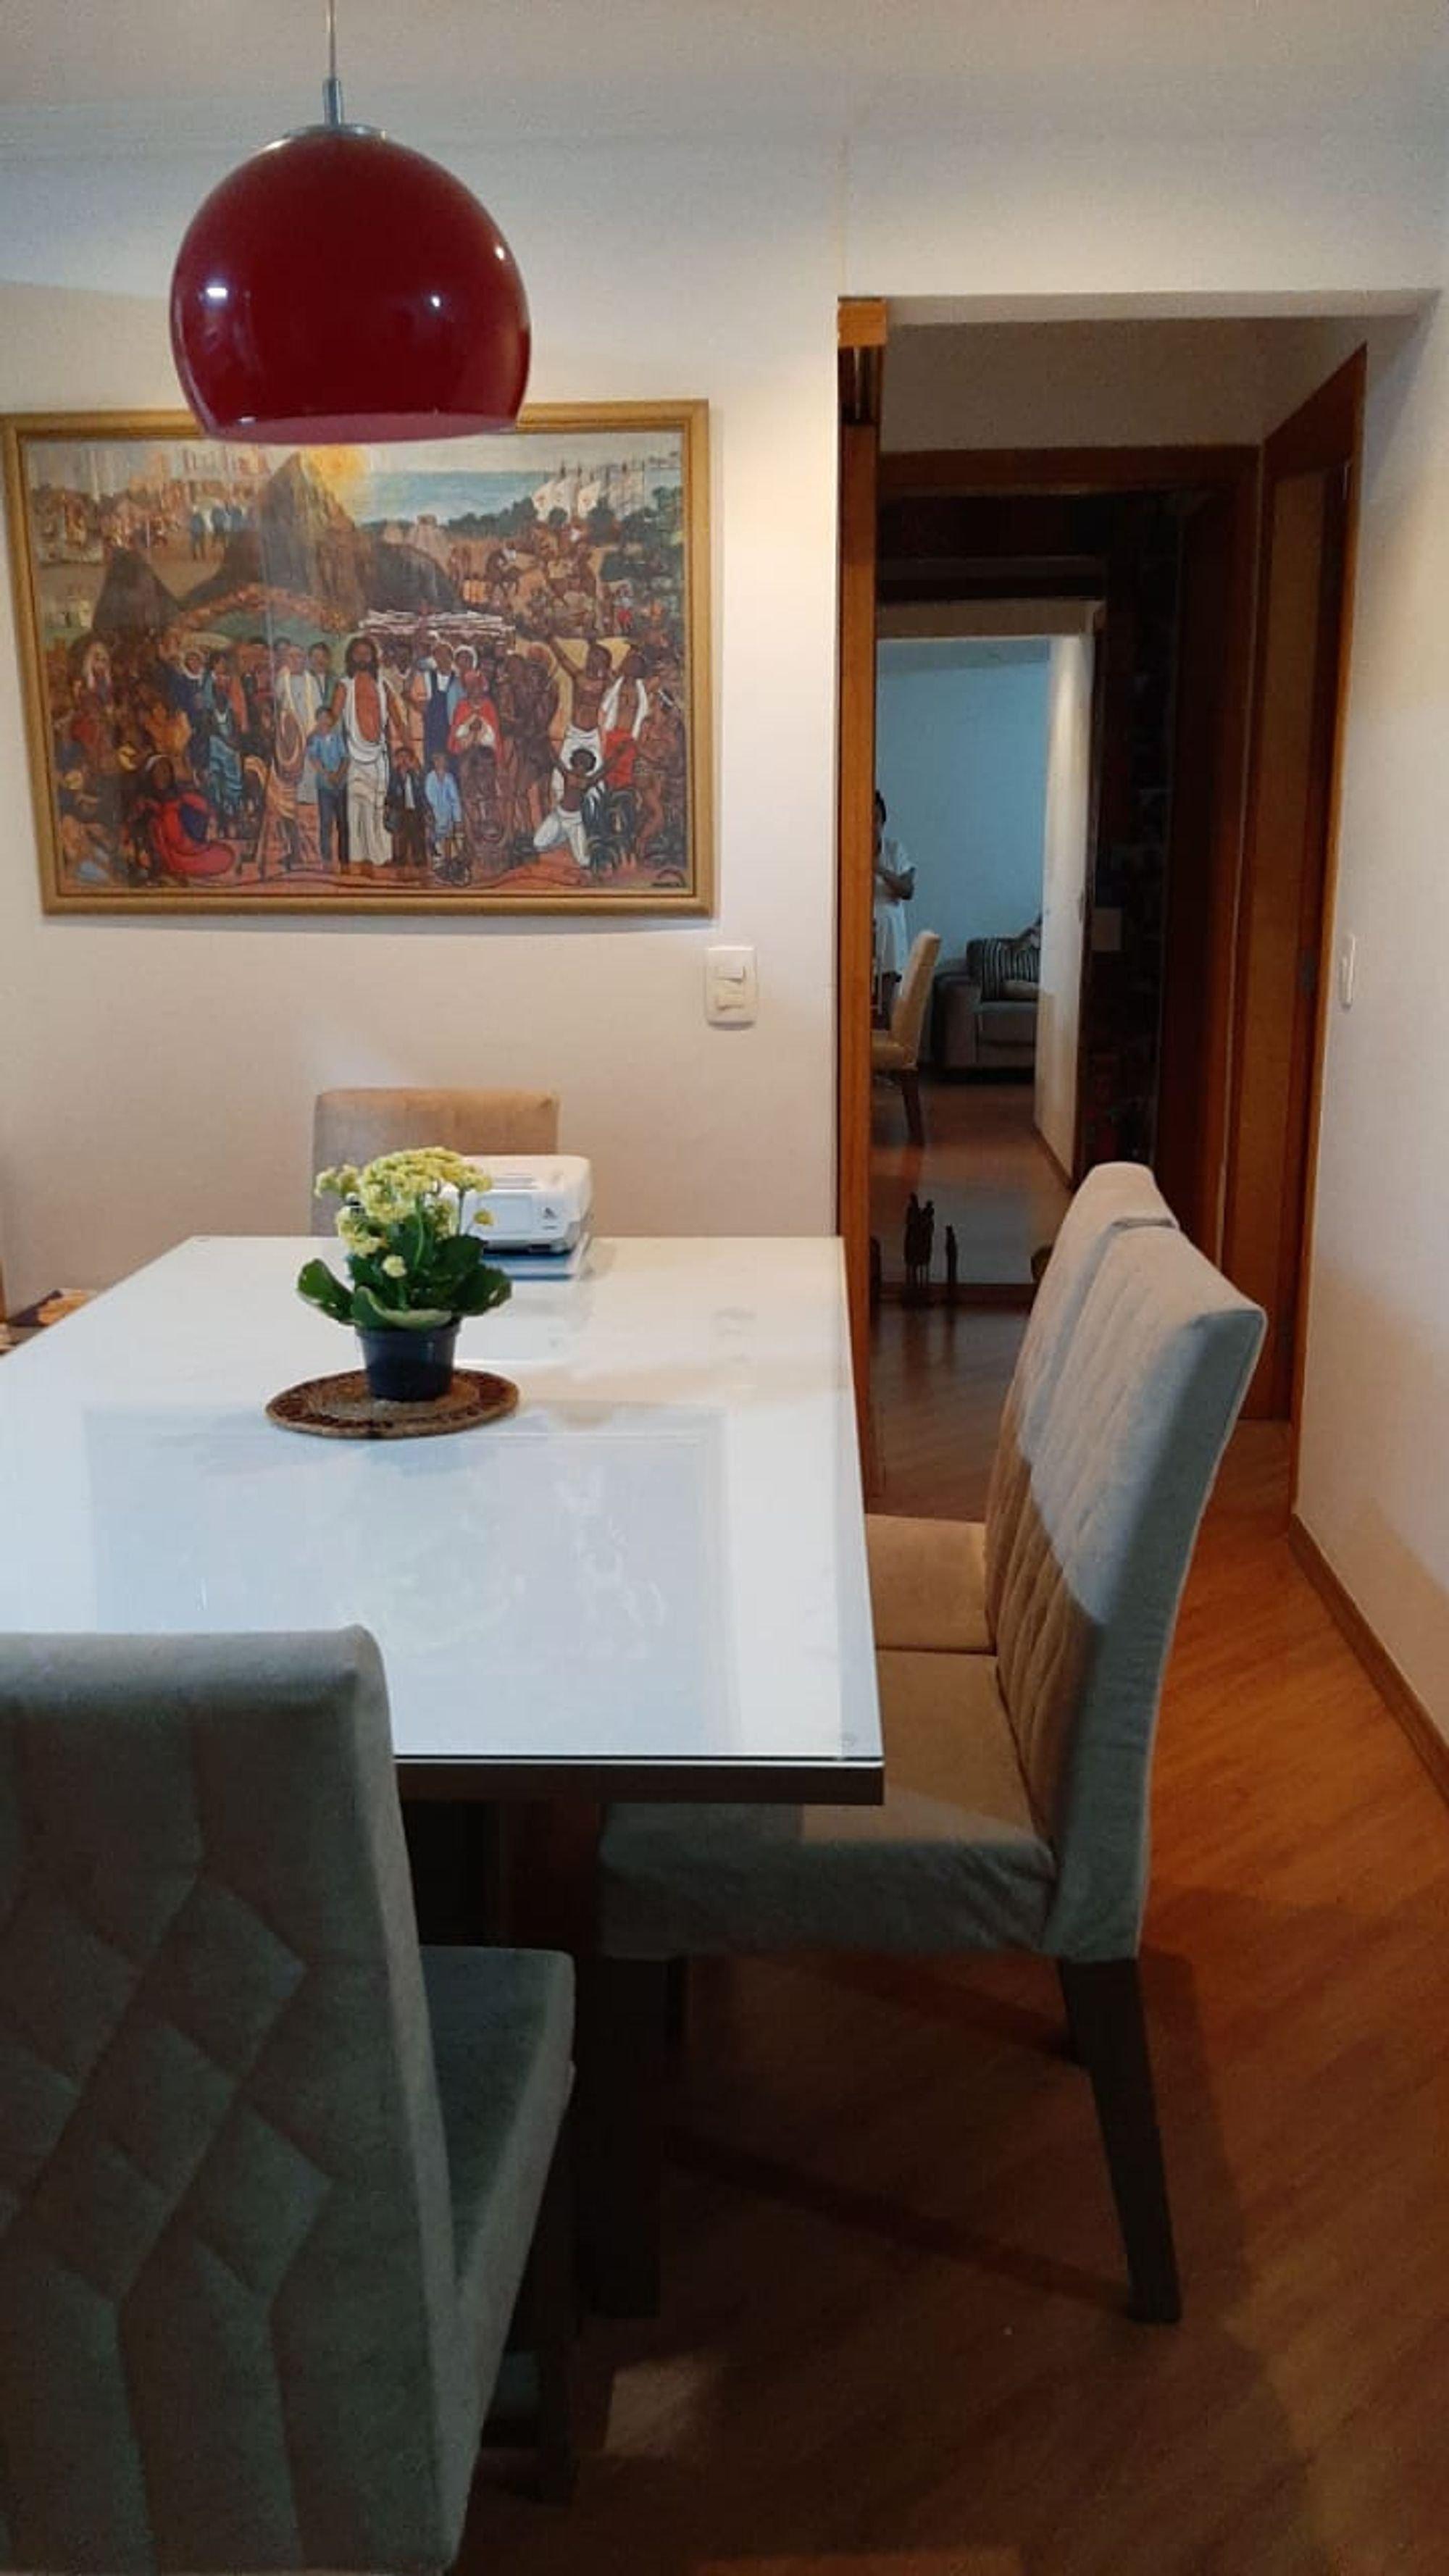 Foto de Sala com vaso de planta, cadeira, mesa de jantar